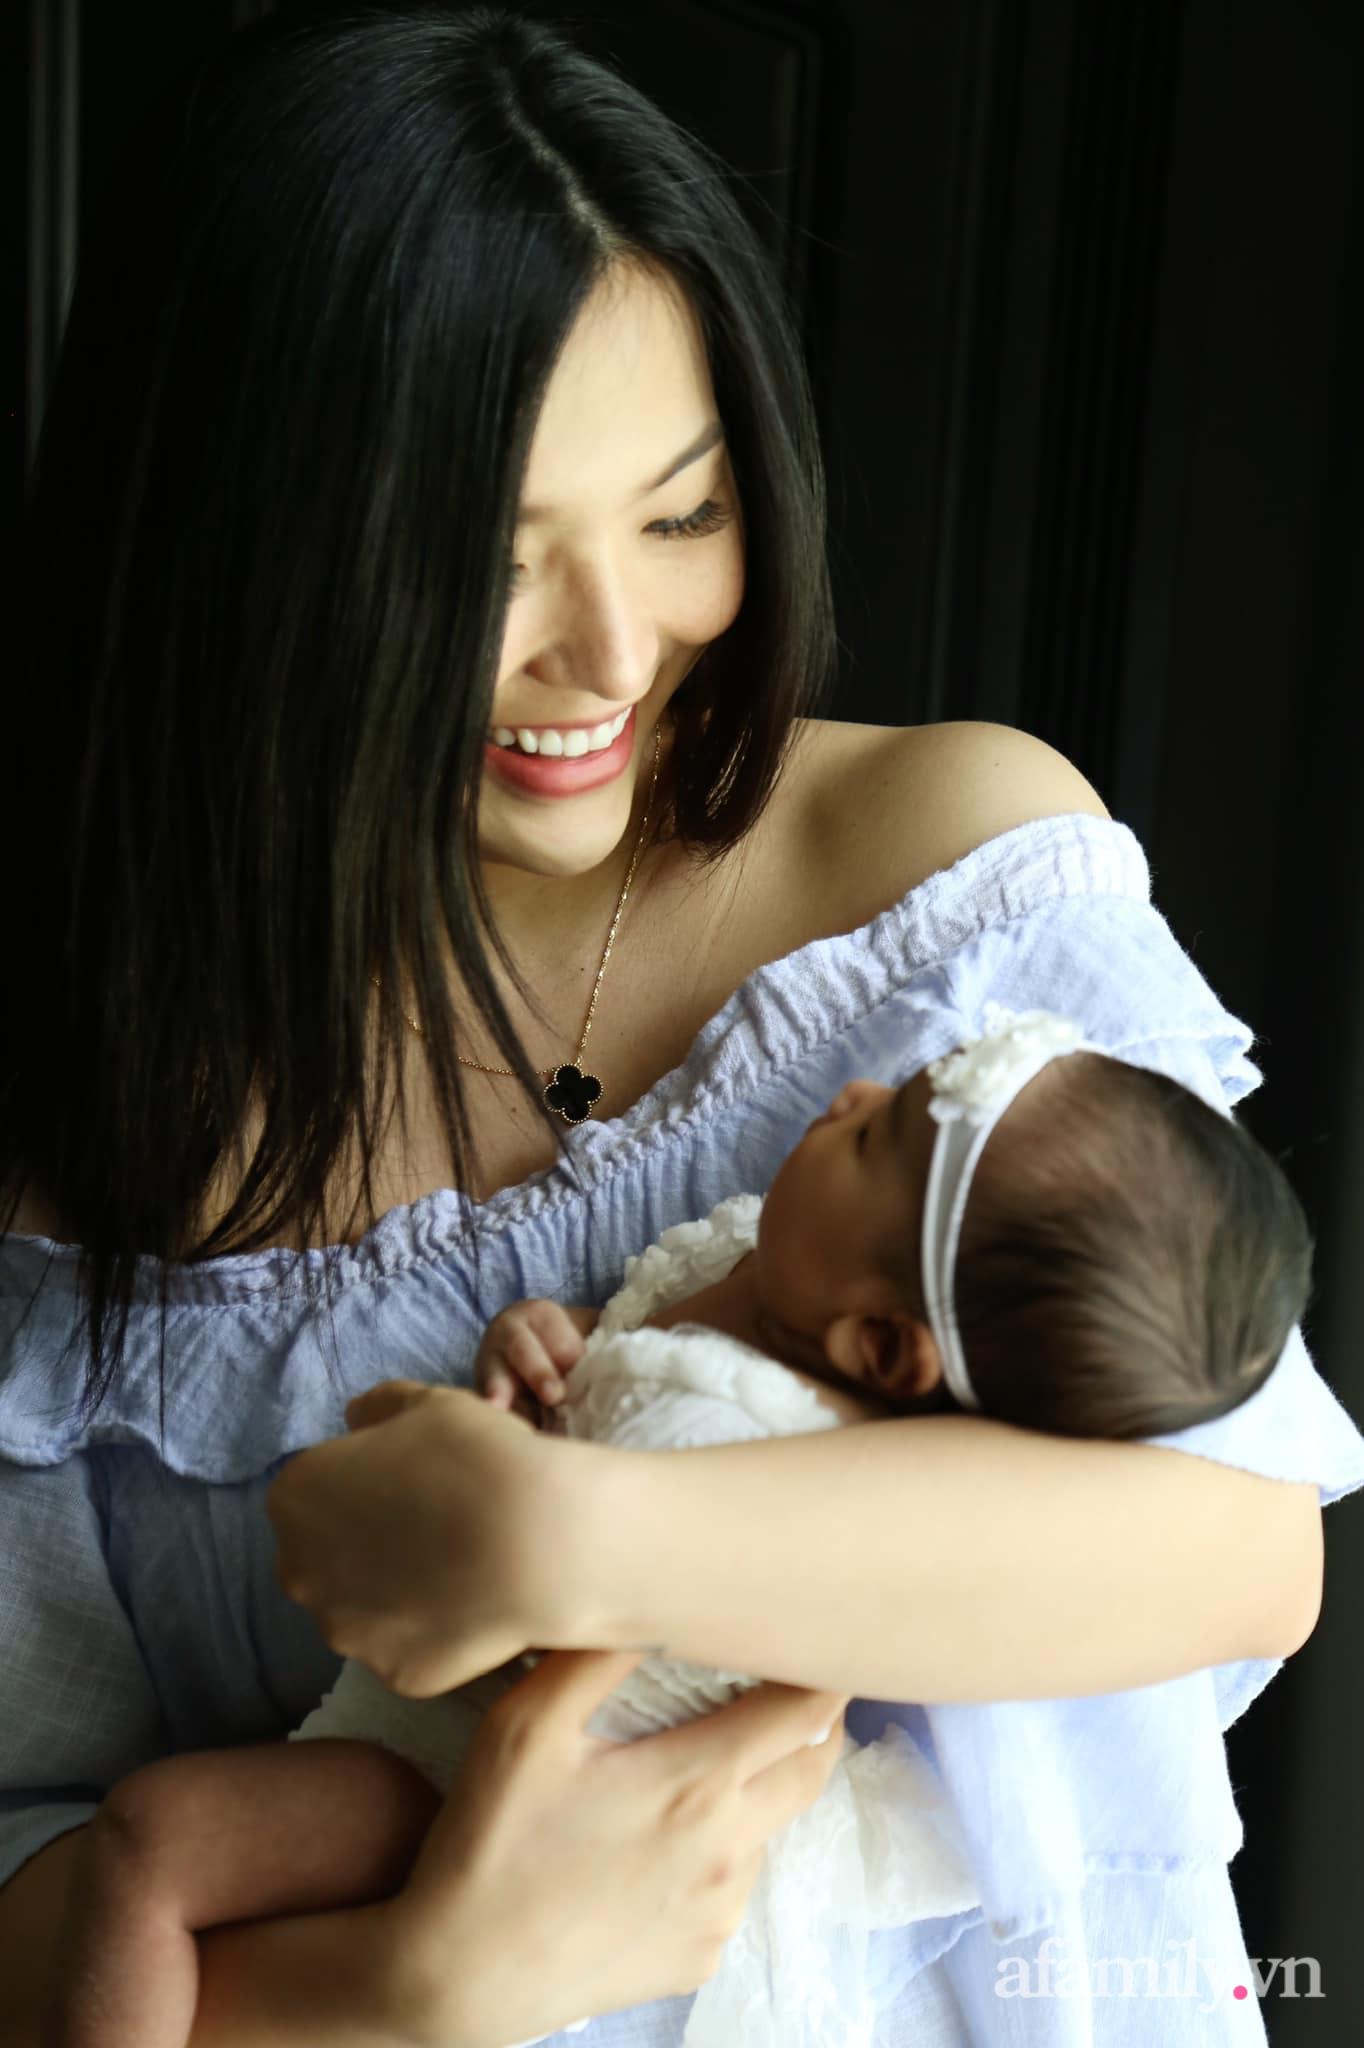 Mang bầu tăng 26kg, mẹ 9x vẫn đẹp ngút trời, đẻ xong còn thần thái hơn nhờ quan điểm: